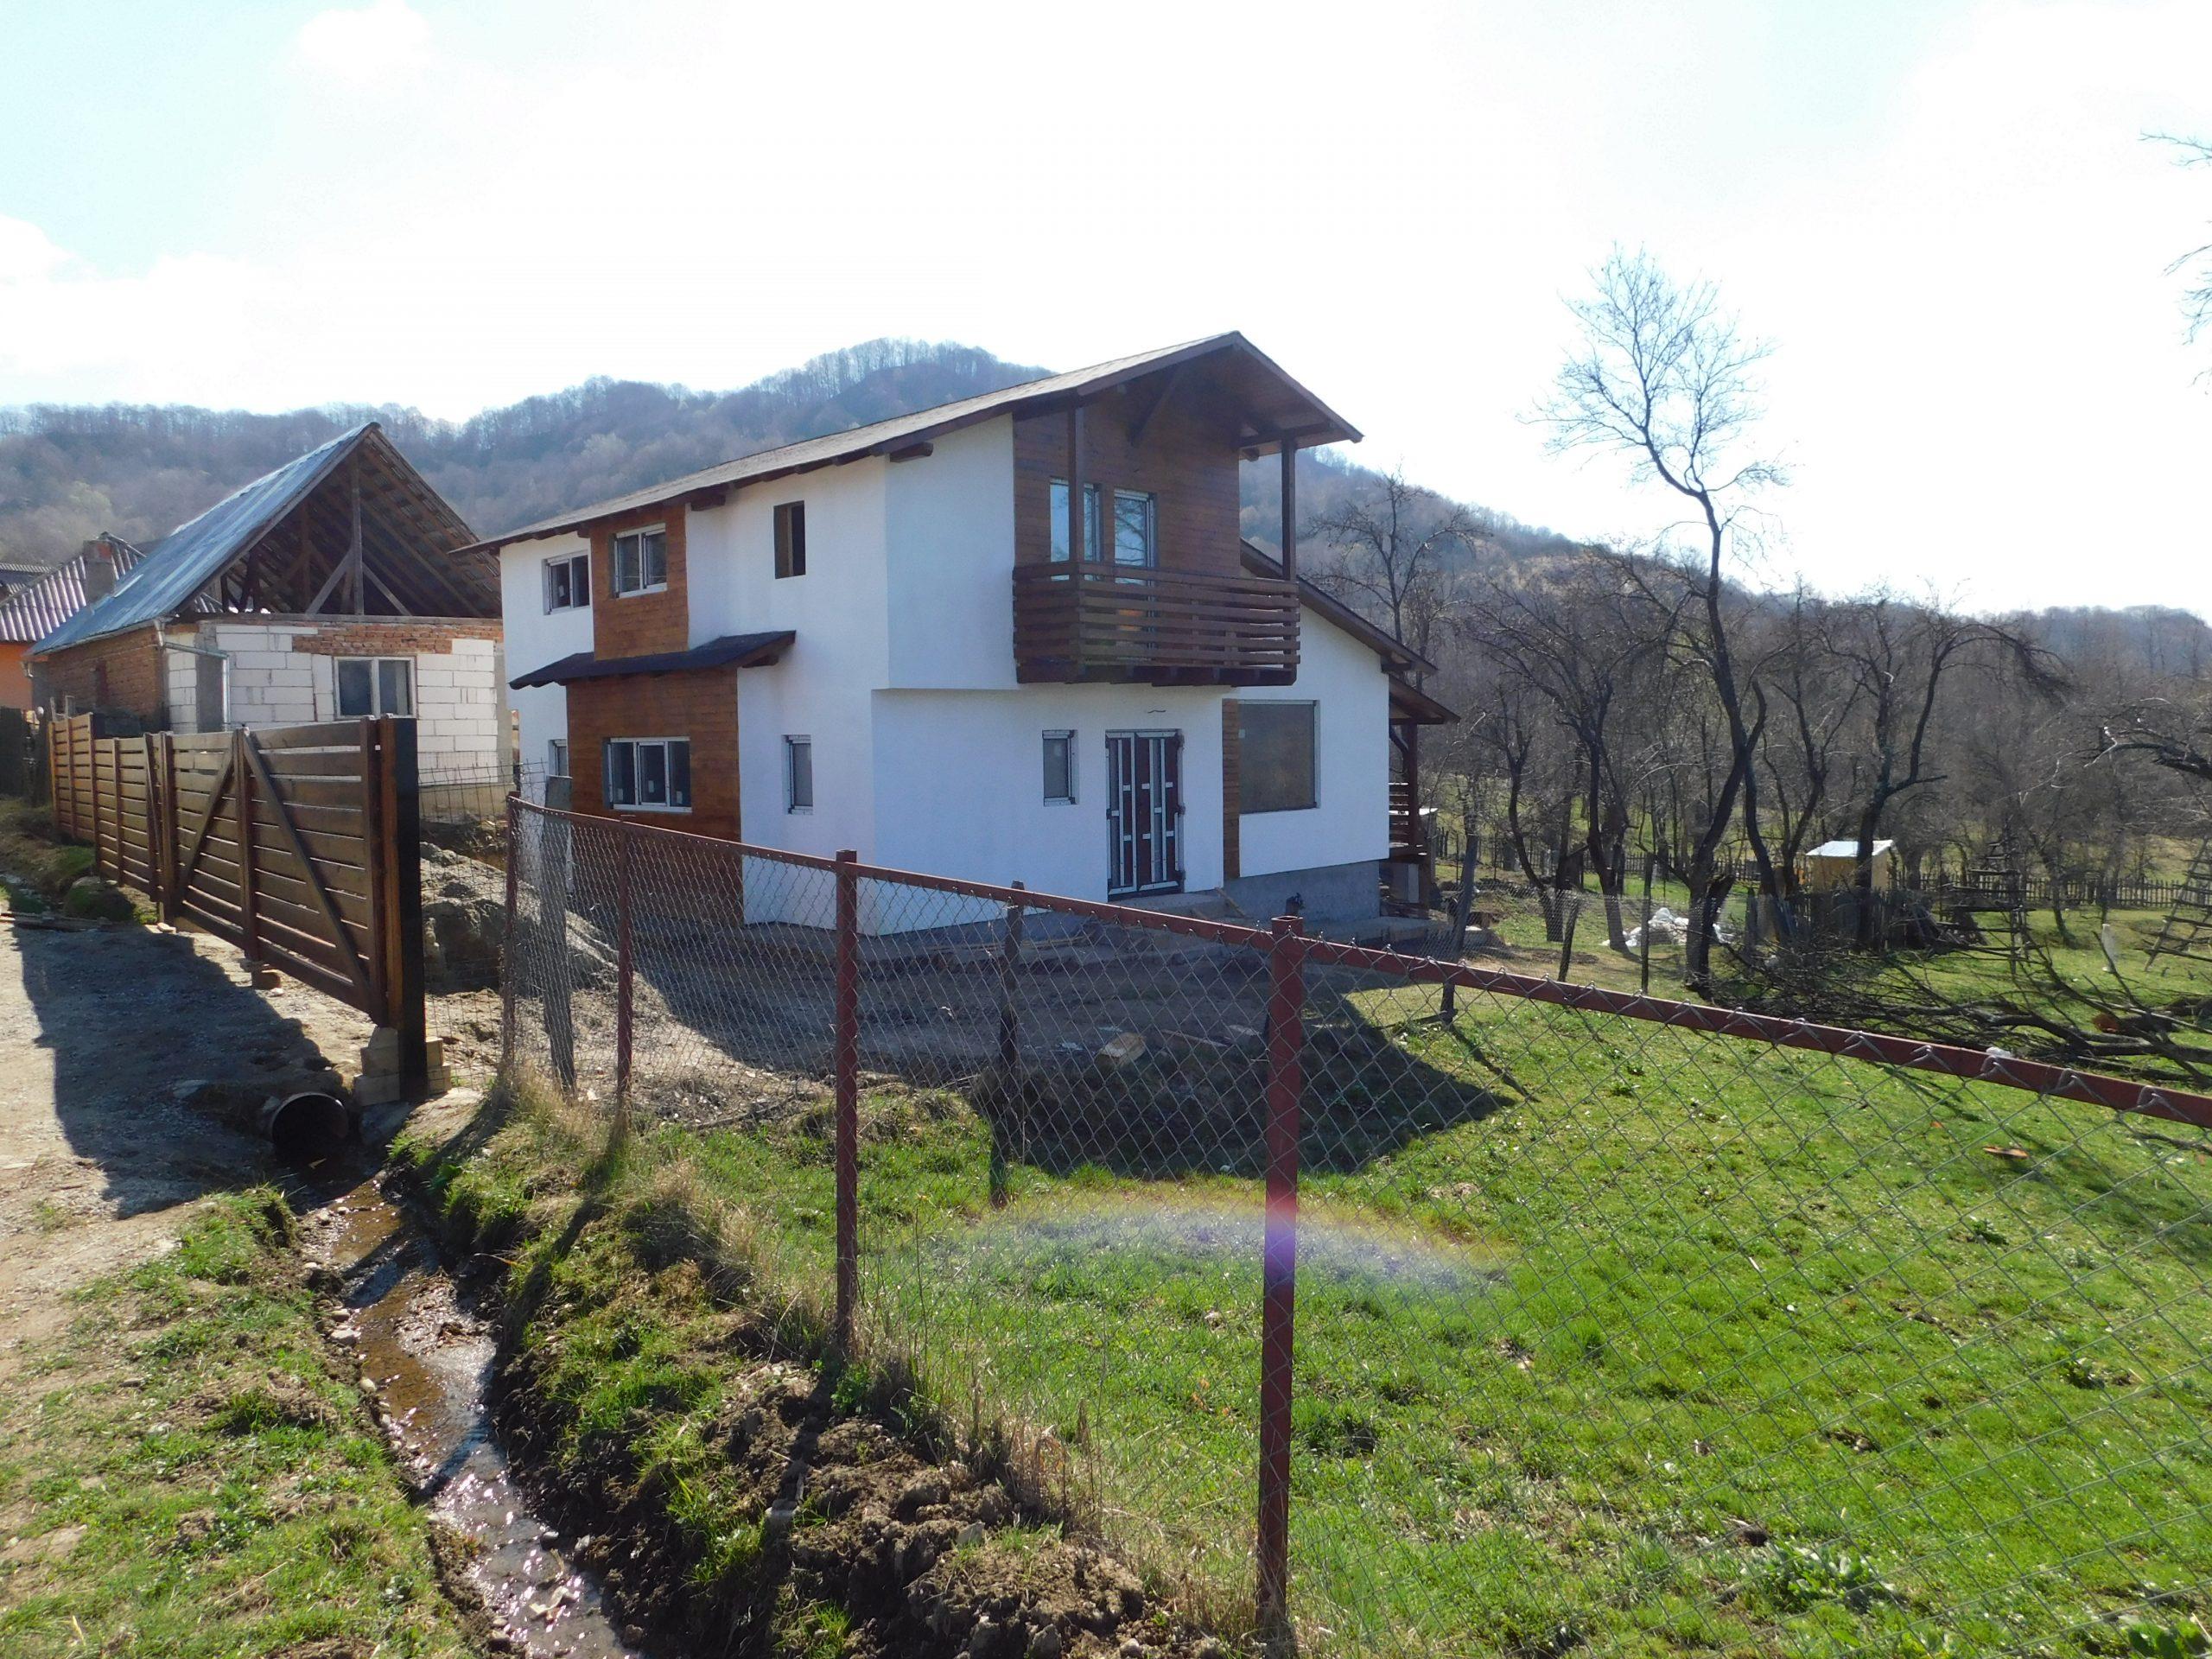 Case din lemn ecologice cu dotări moderne ce asigură confortul indiferent de anotimp